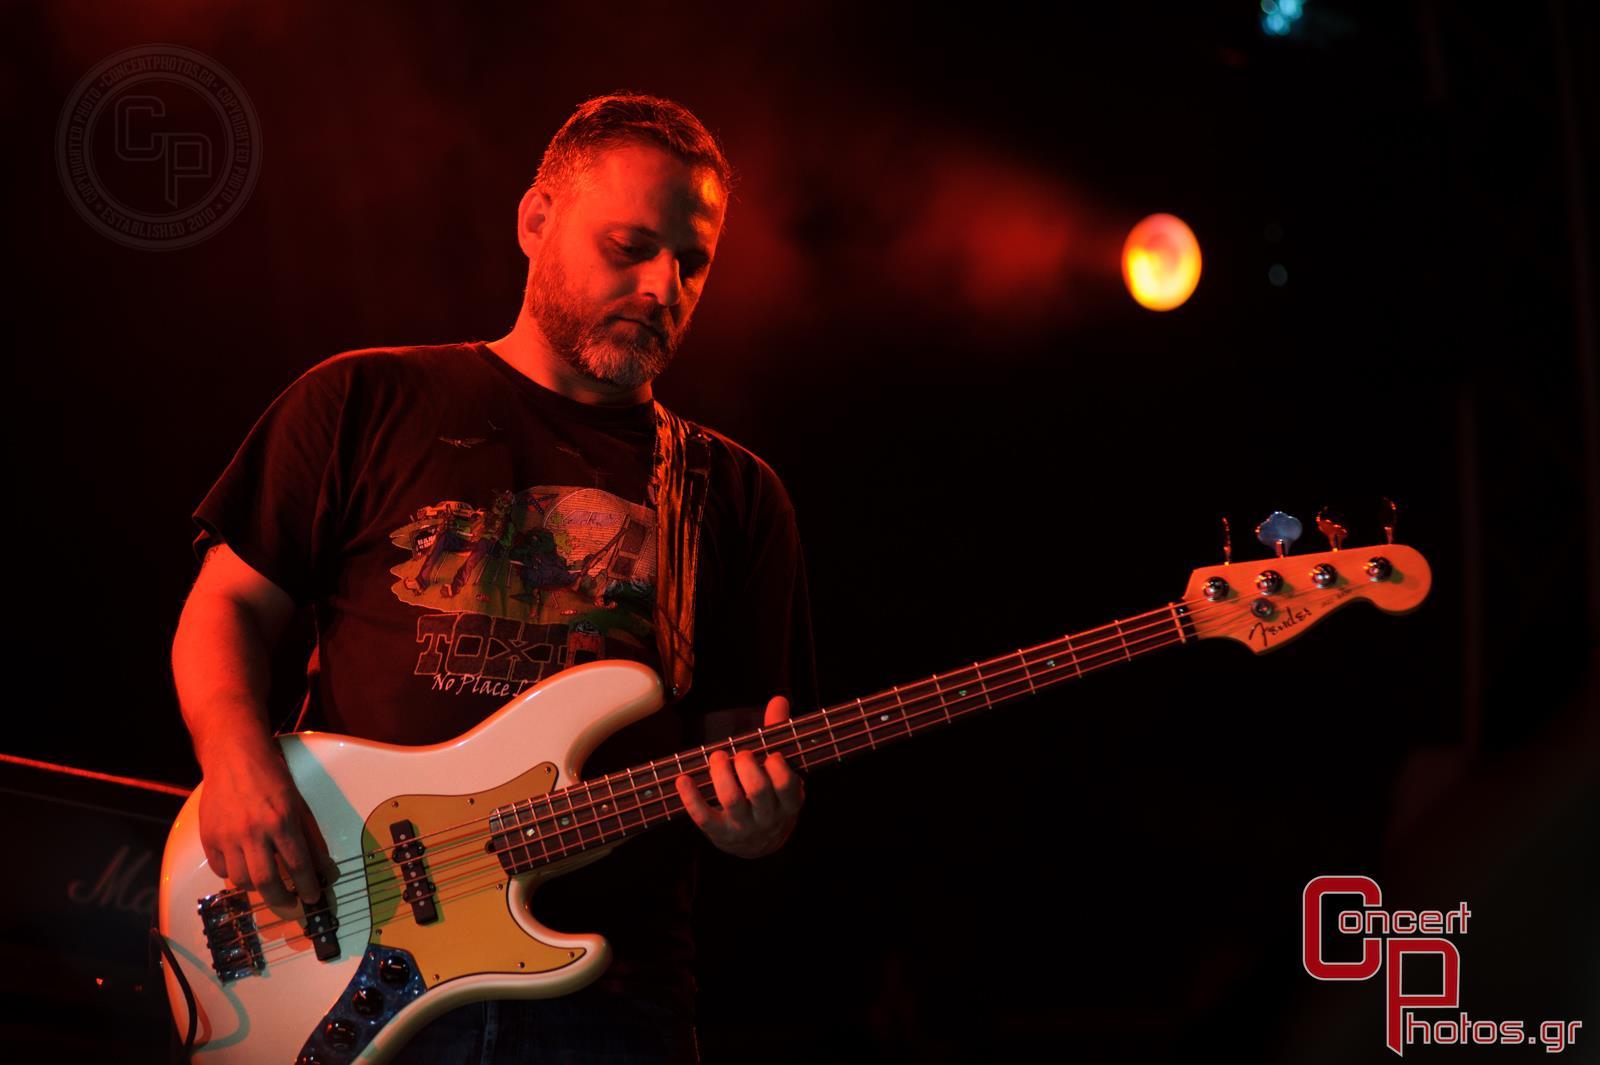 Μία συναυλία για τη Σχεδία 2014-Sxedia 2014 photographer:  - concertphotos_20140526_21_21_13